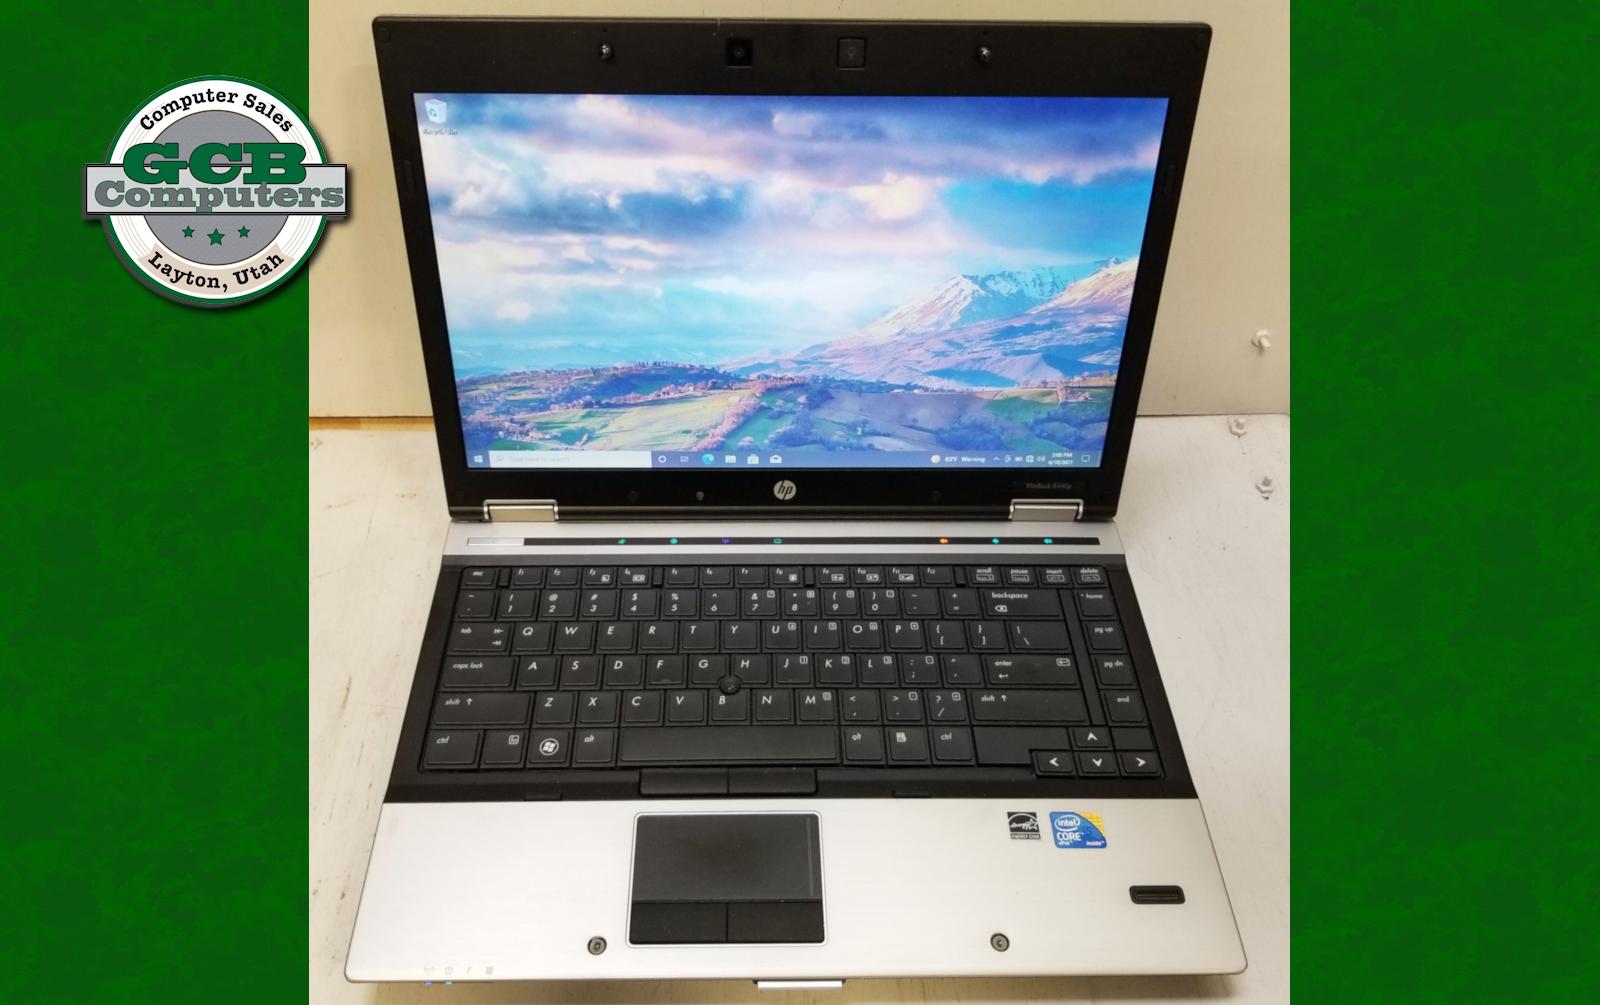 $100 HP Elitebook 8440p i5 M520 128GB SSD 8GB RAM